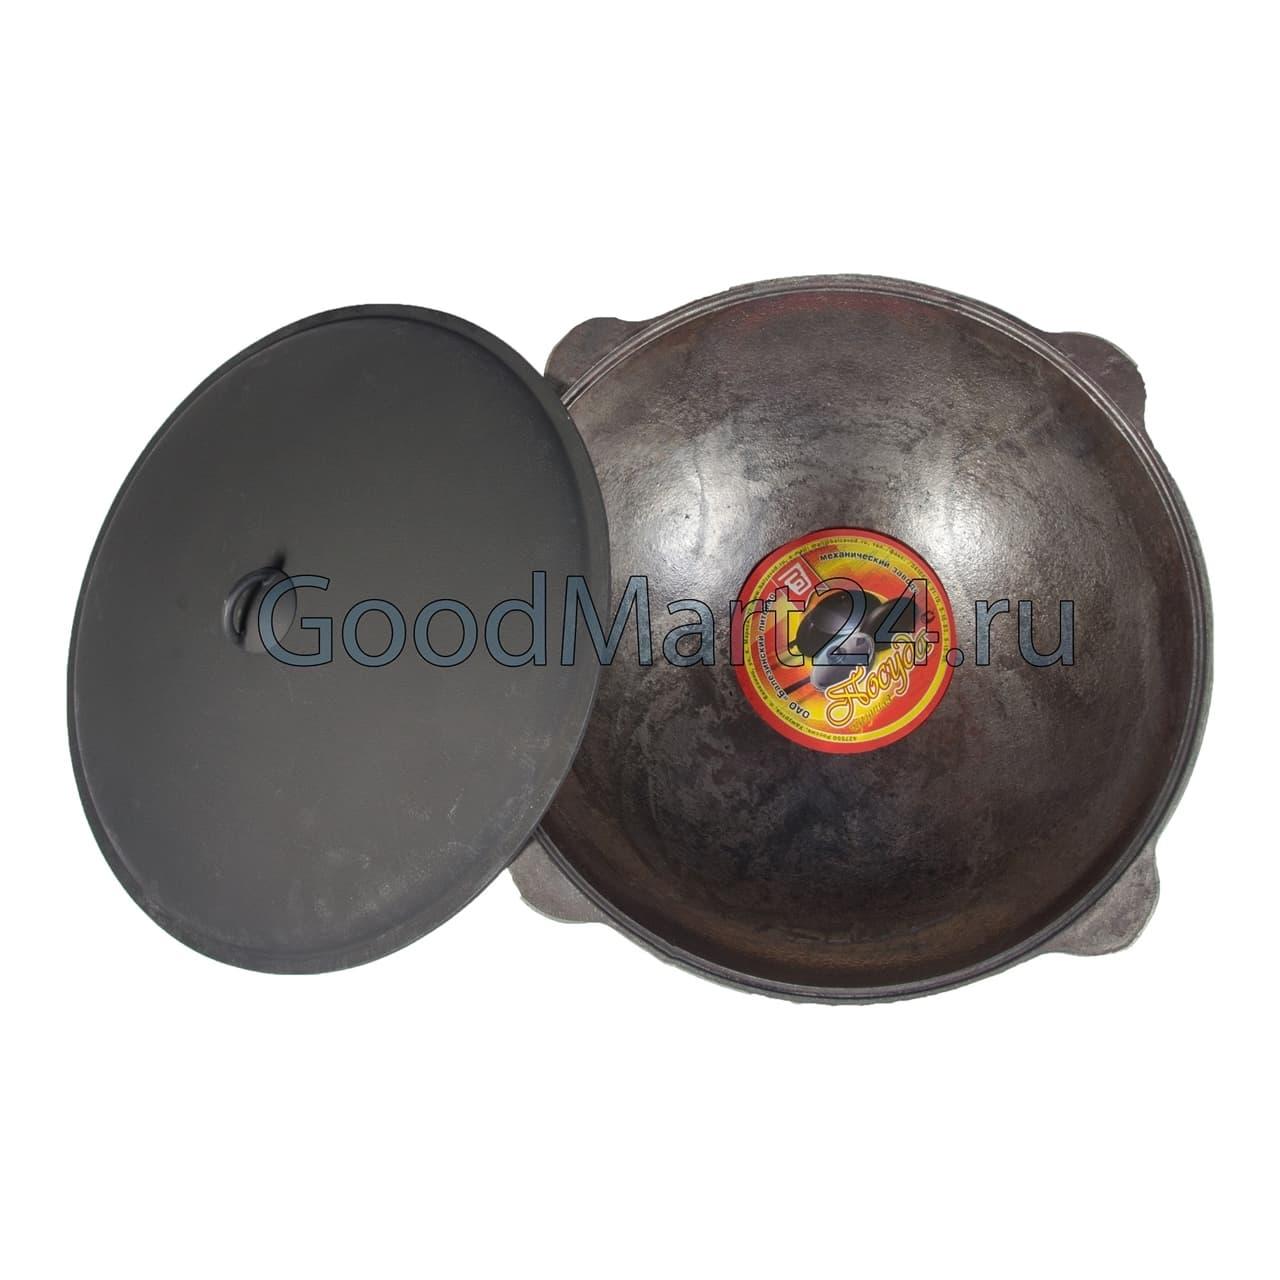 купить комплект казан из чугуна 12 литров БЛМЗ + печь D-360 мм сталь 2 мм